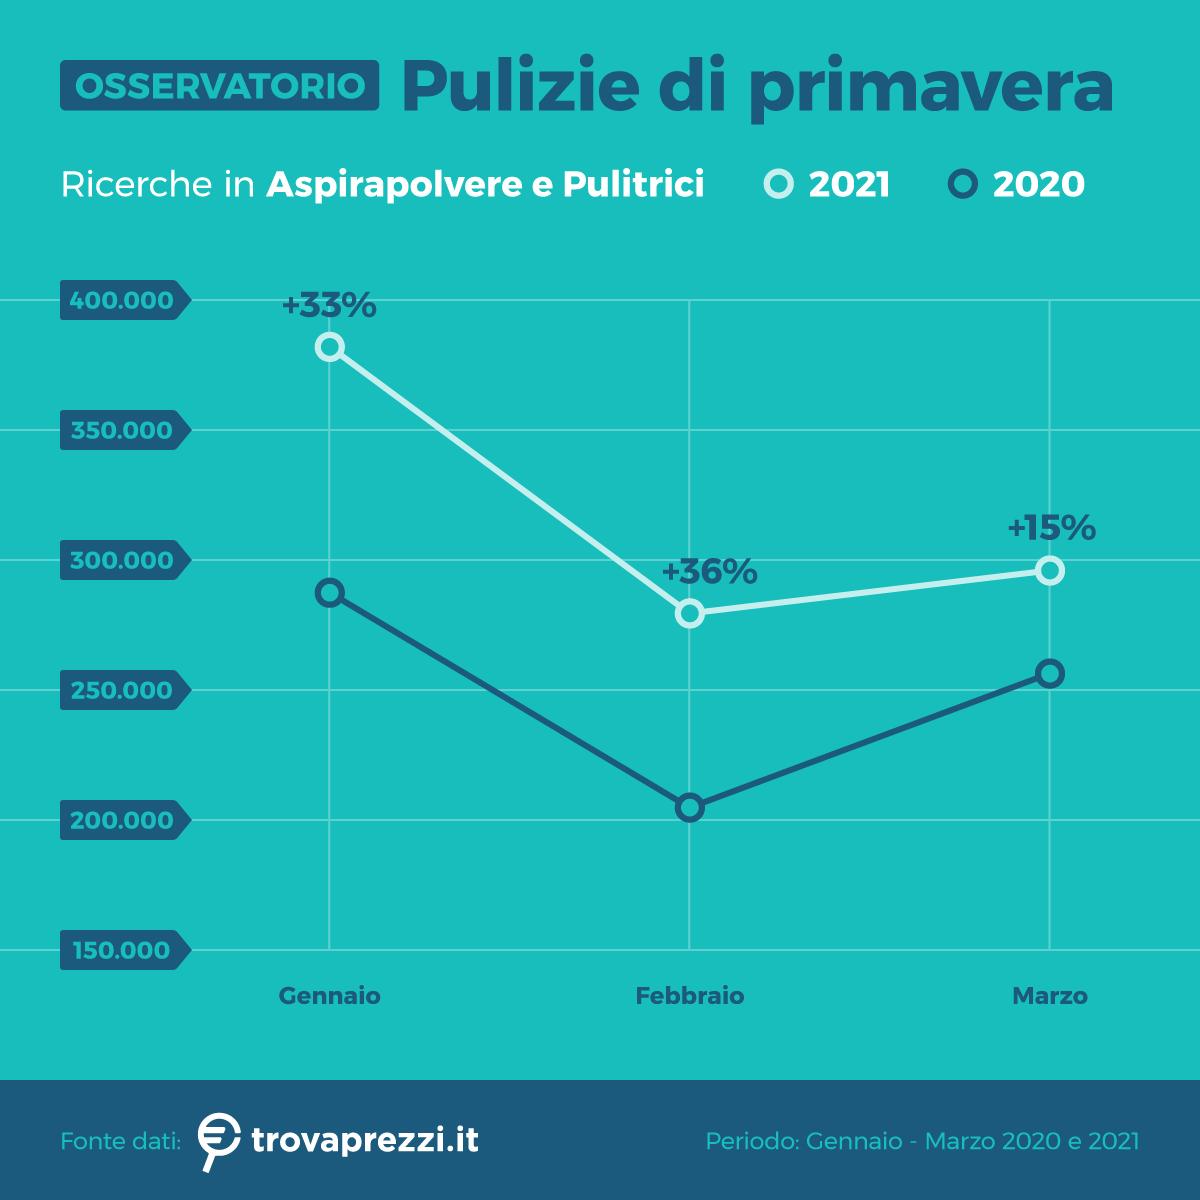 osservatorio_apr21_pulizie_1